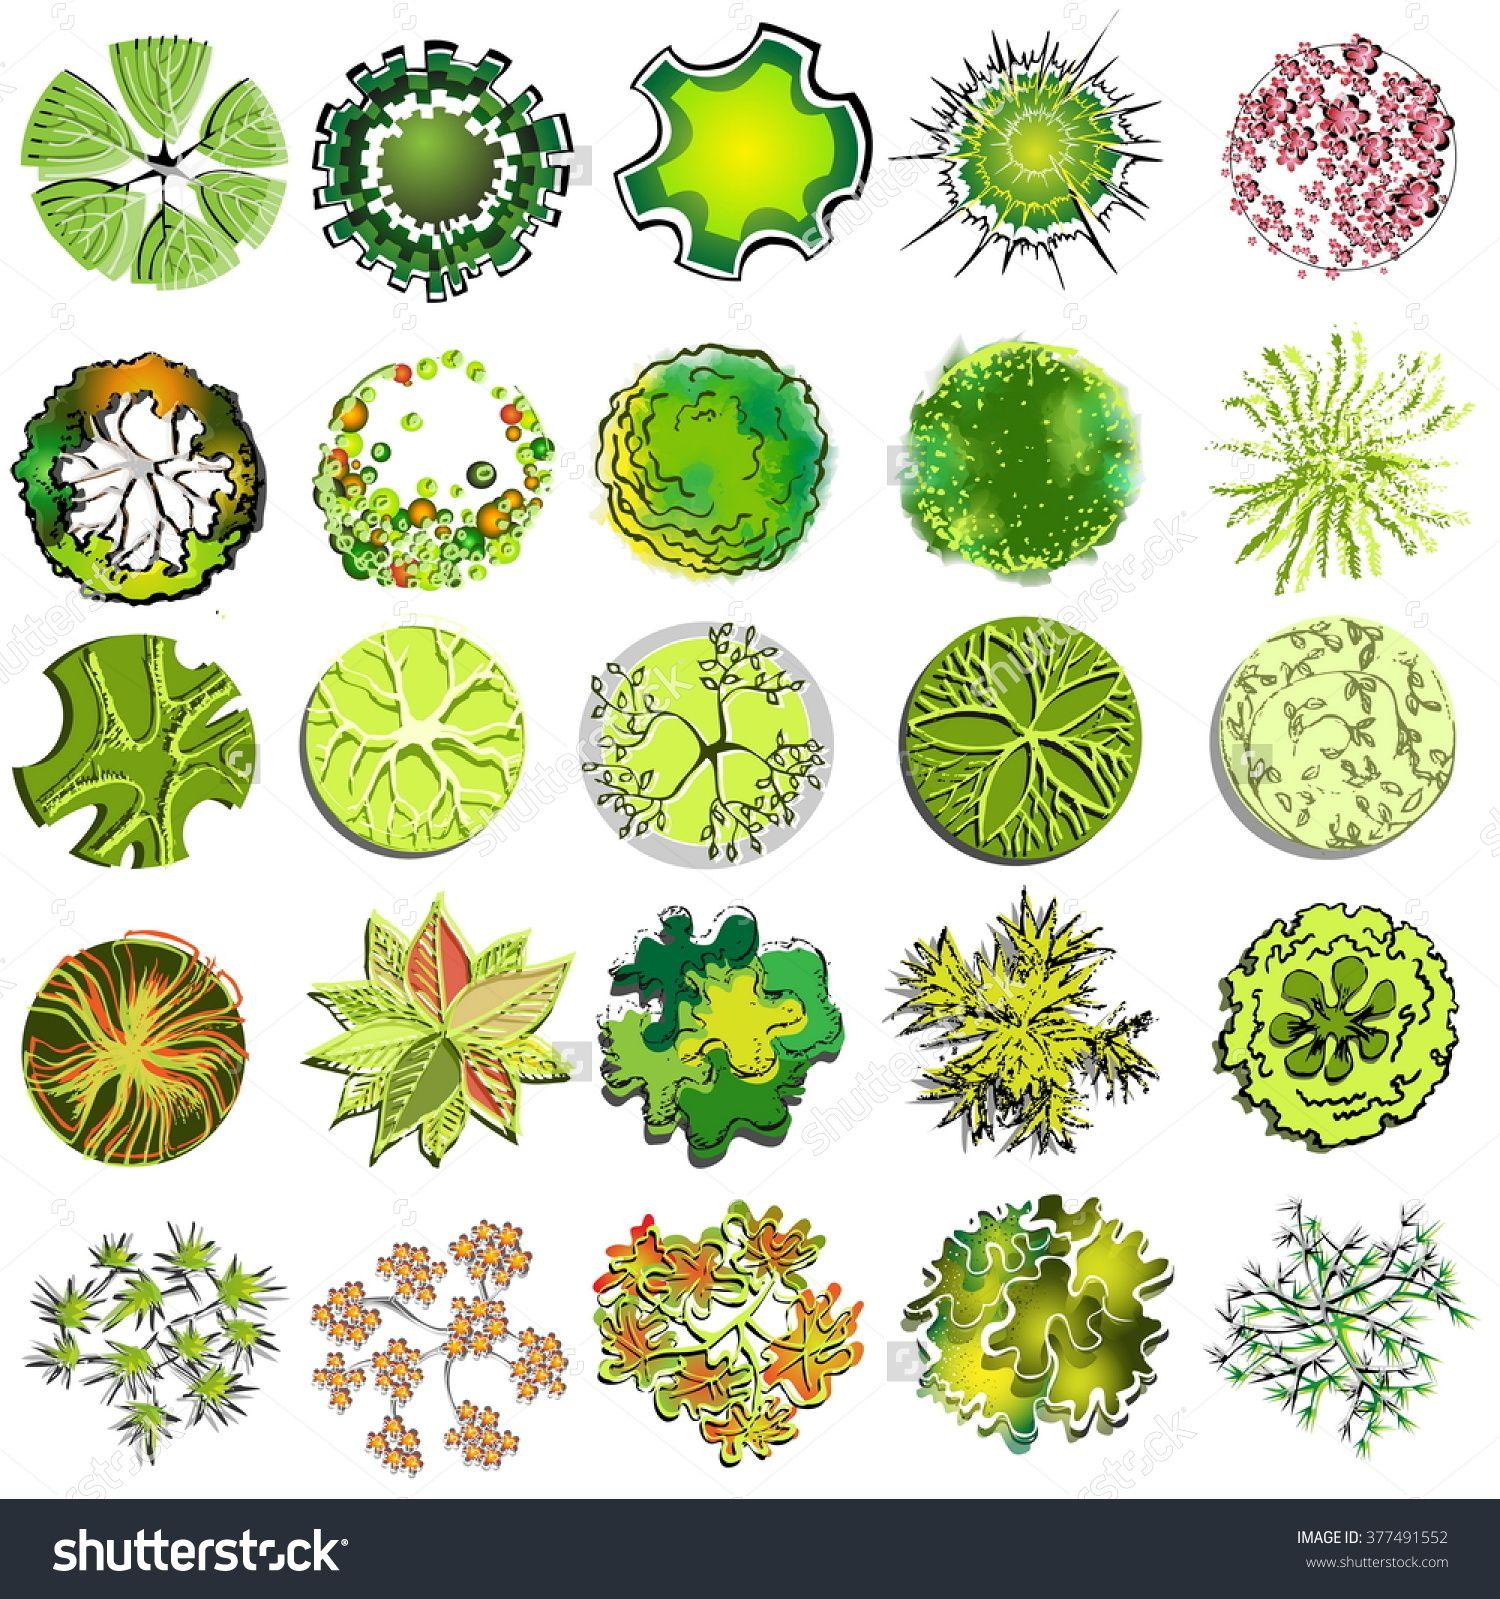 Related image | 2d sketchup | Landscape design, Garden